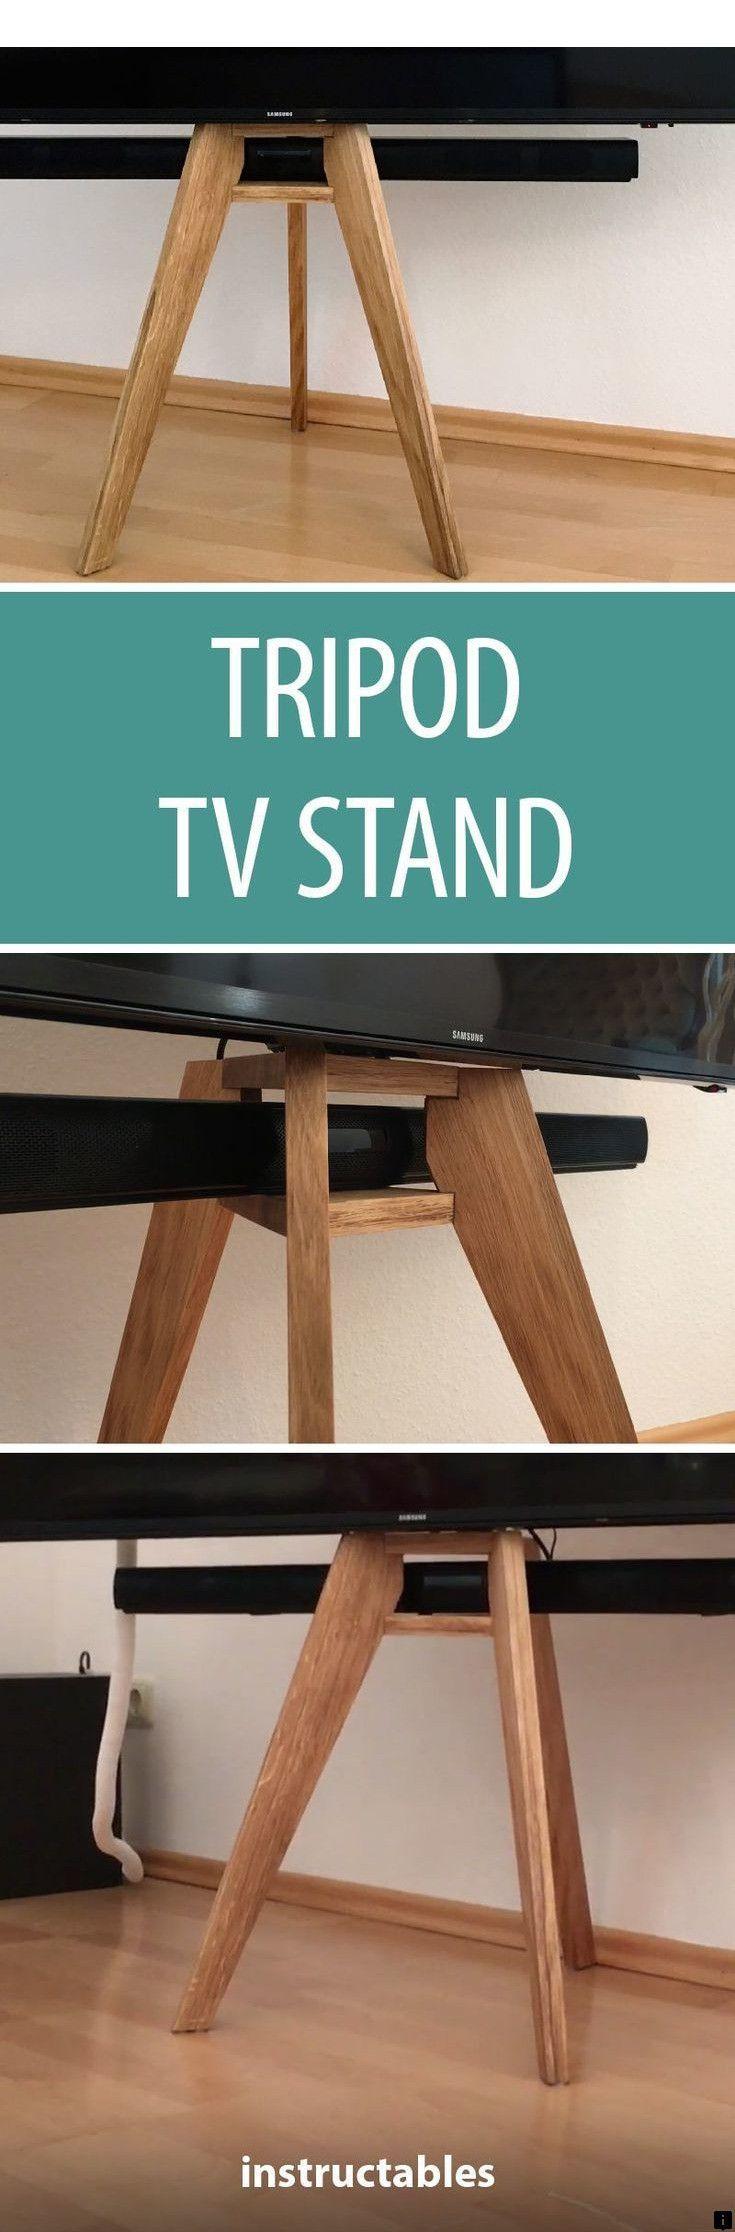 Klicken Sie einfach auf den Link für mehr TV-Tisch. Klicken Sie auf den Link, um mehr zu erfahren …